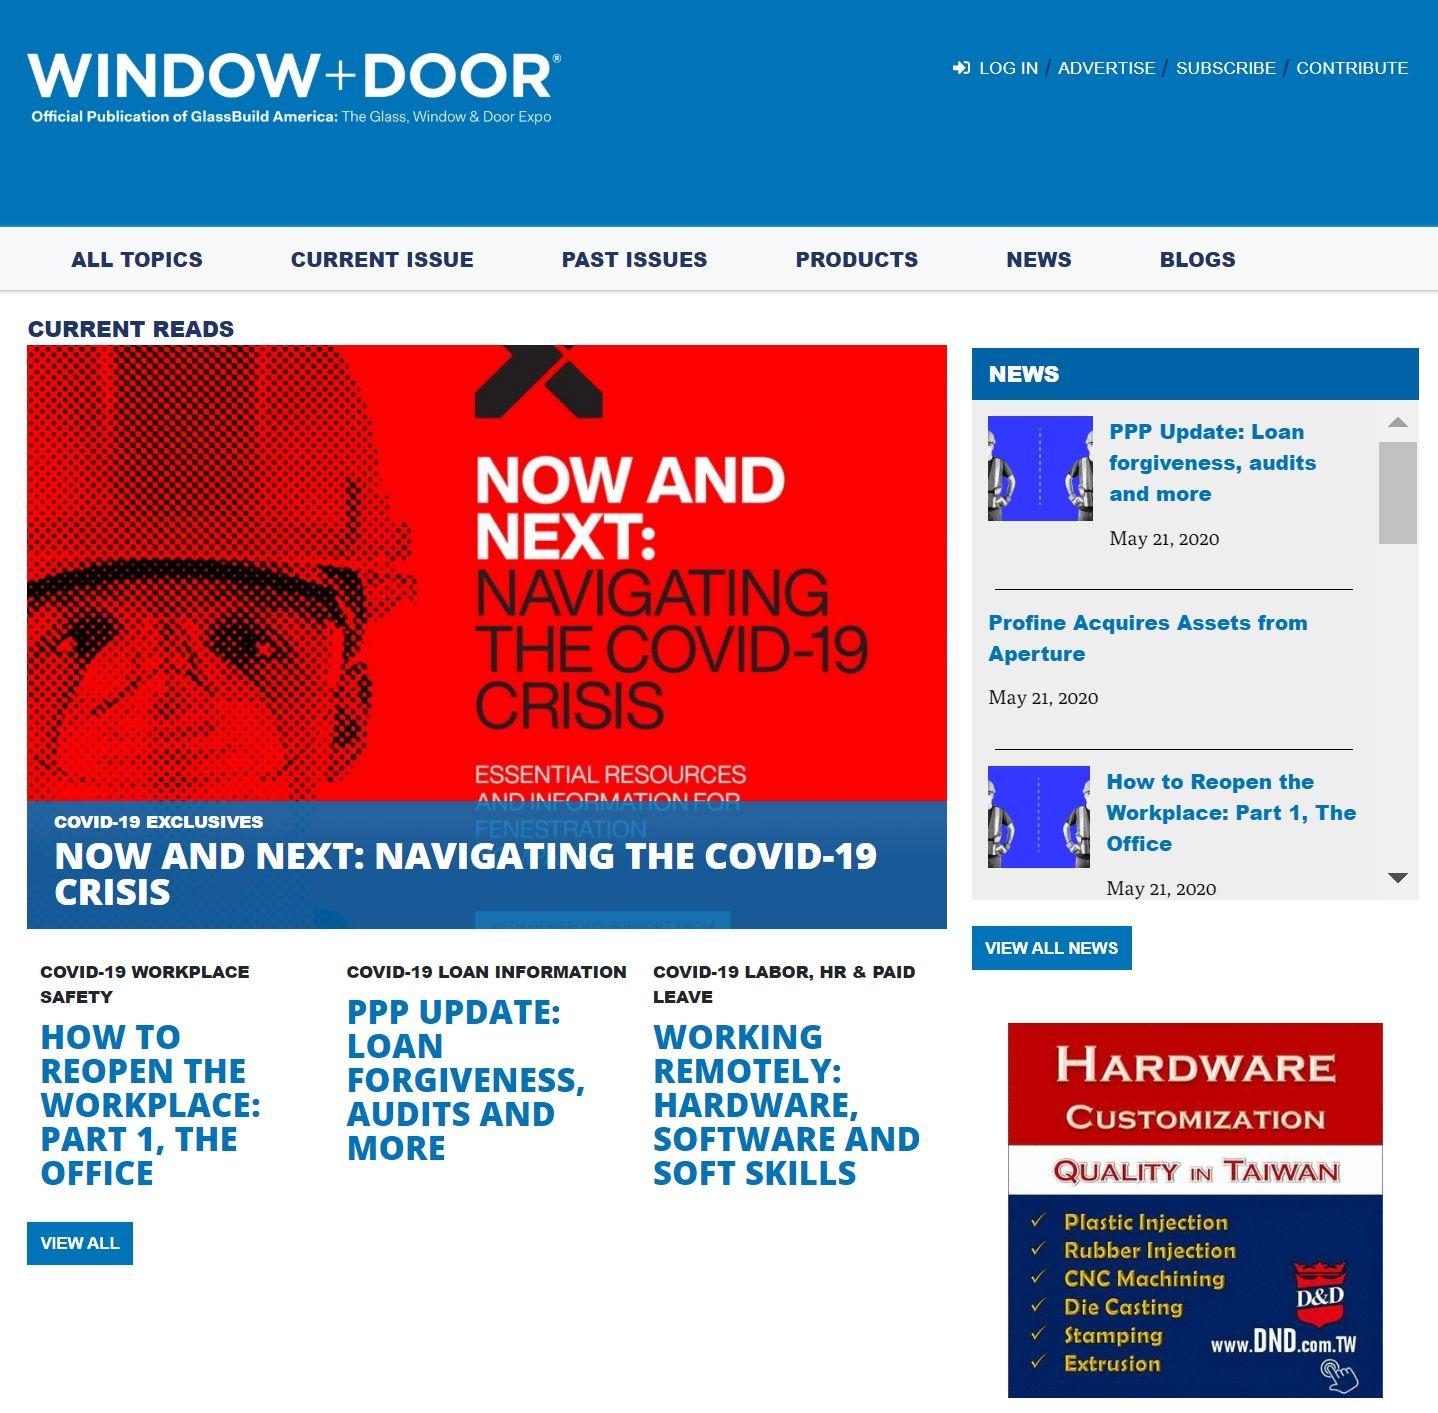 D&D no site USA-Window + Door